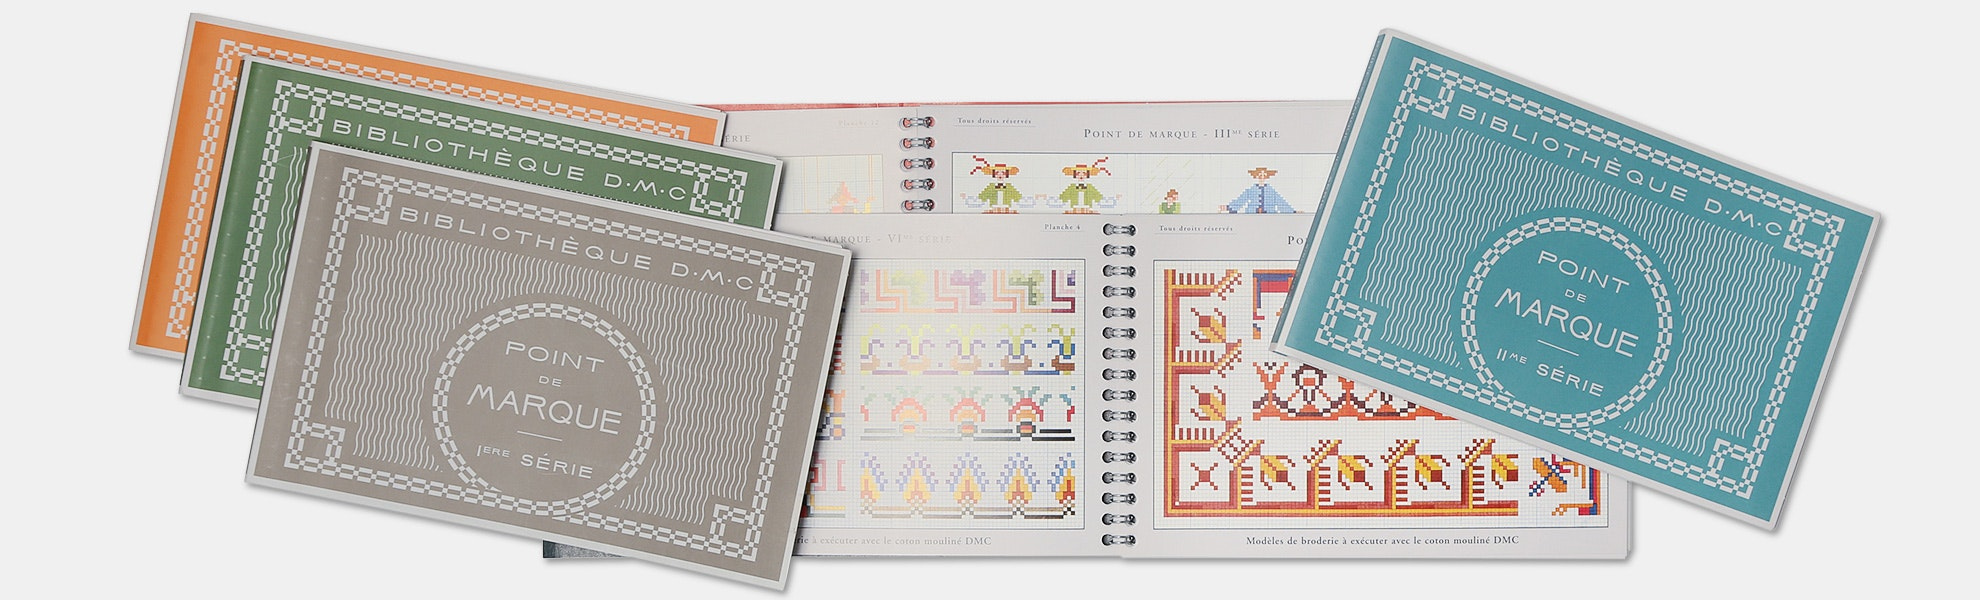 Cross Stitch DMC Library by Maison Sajou